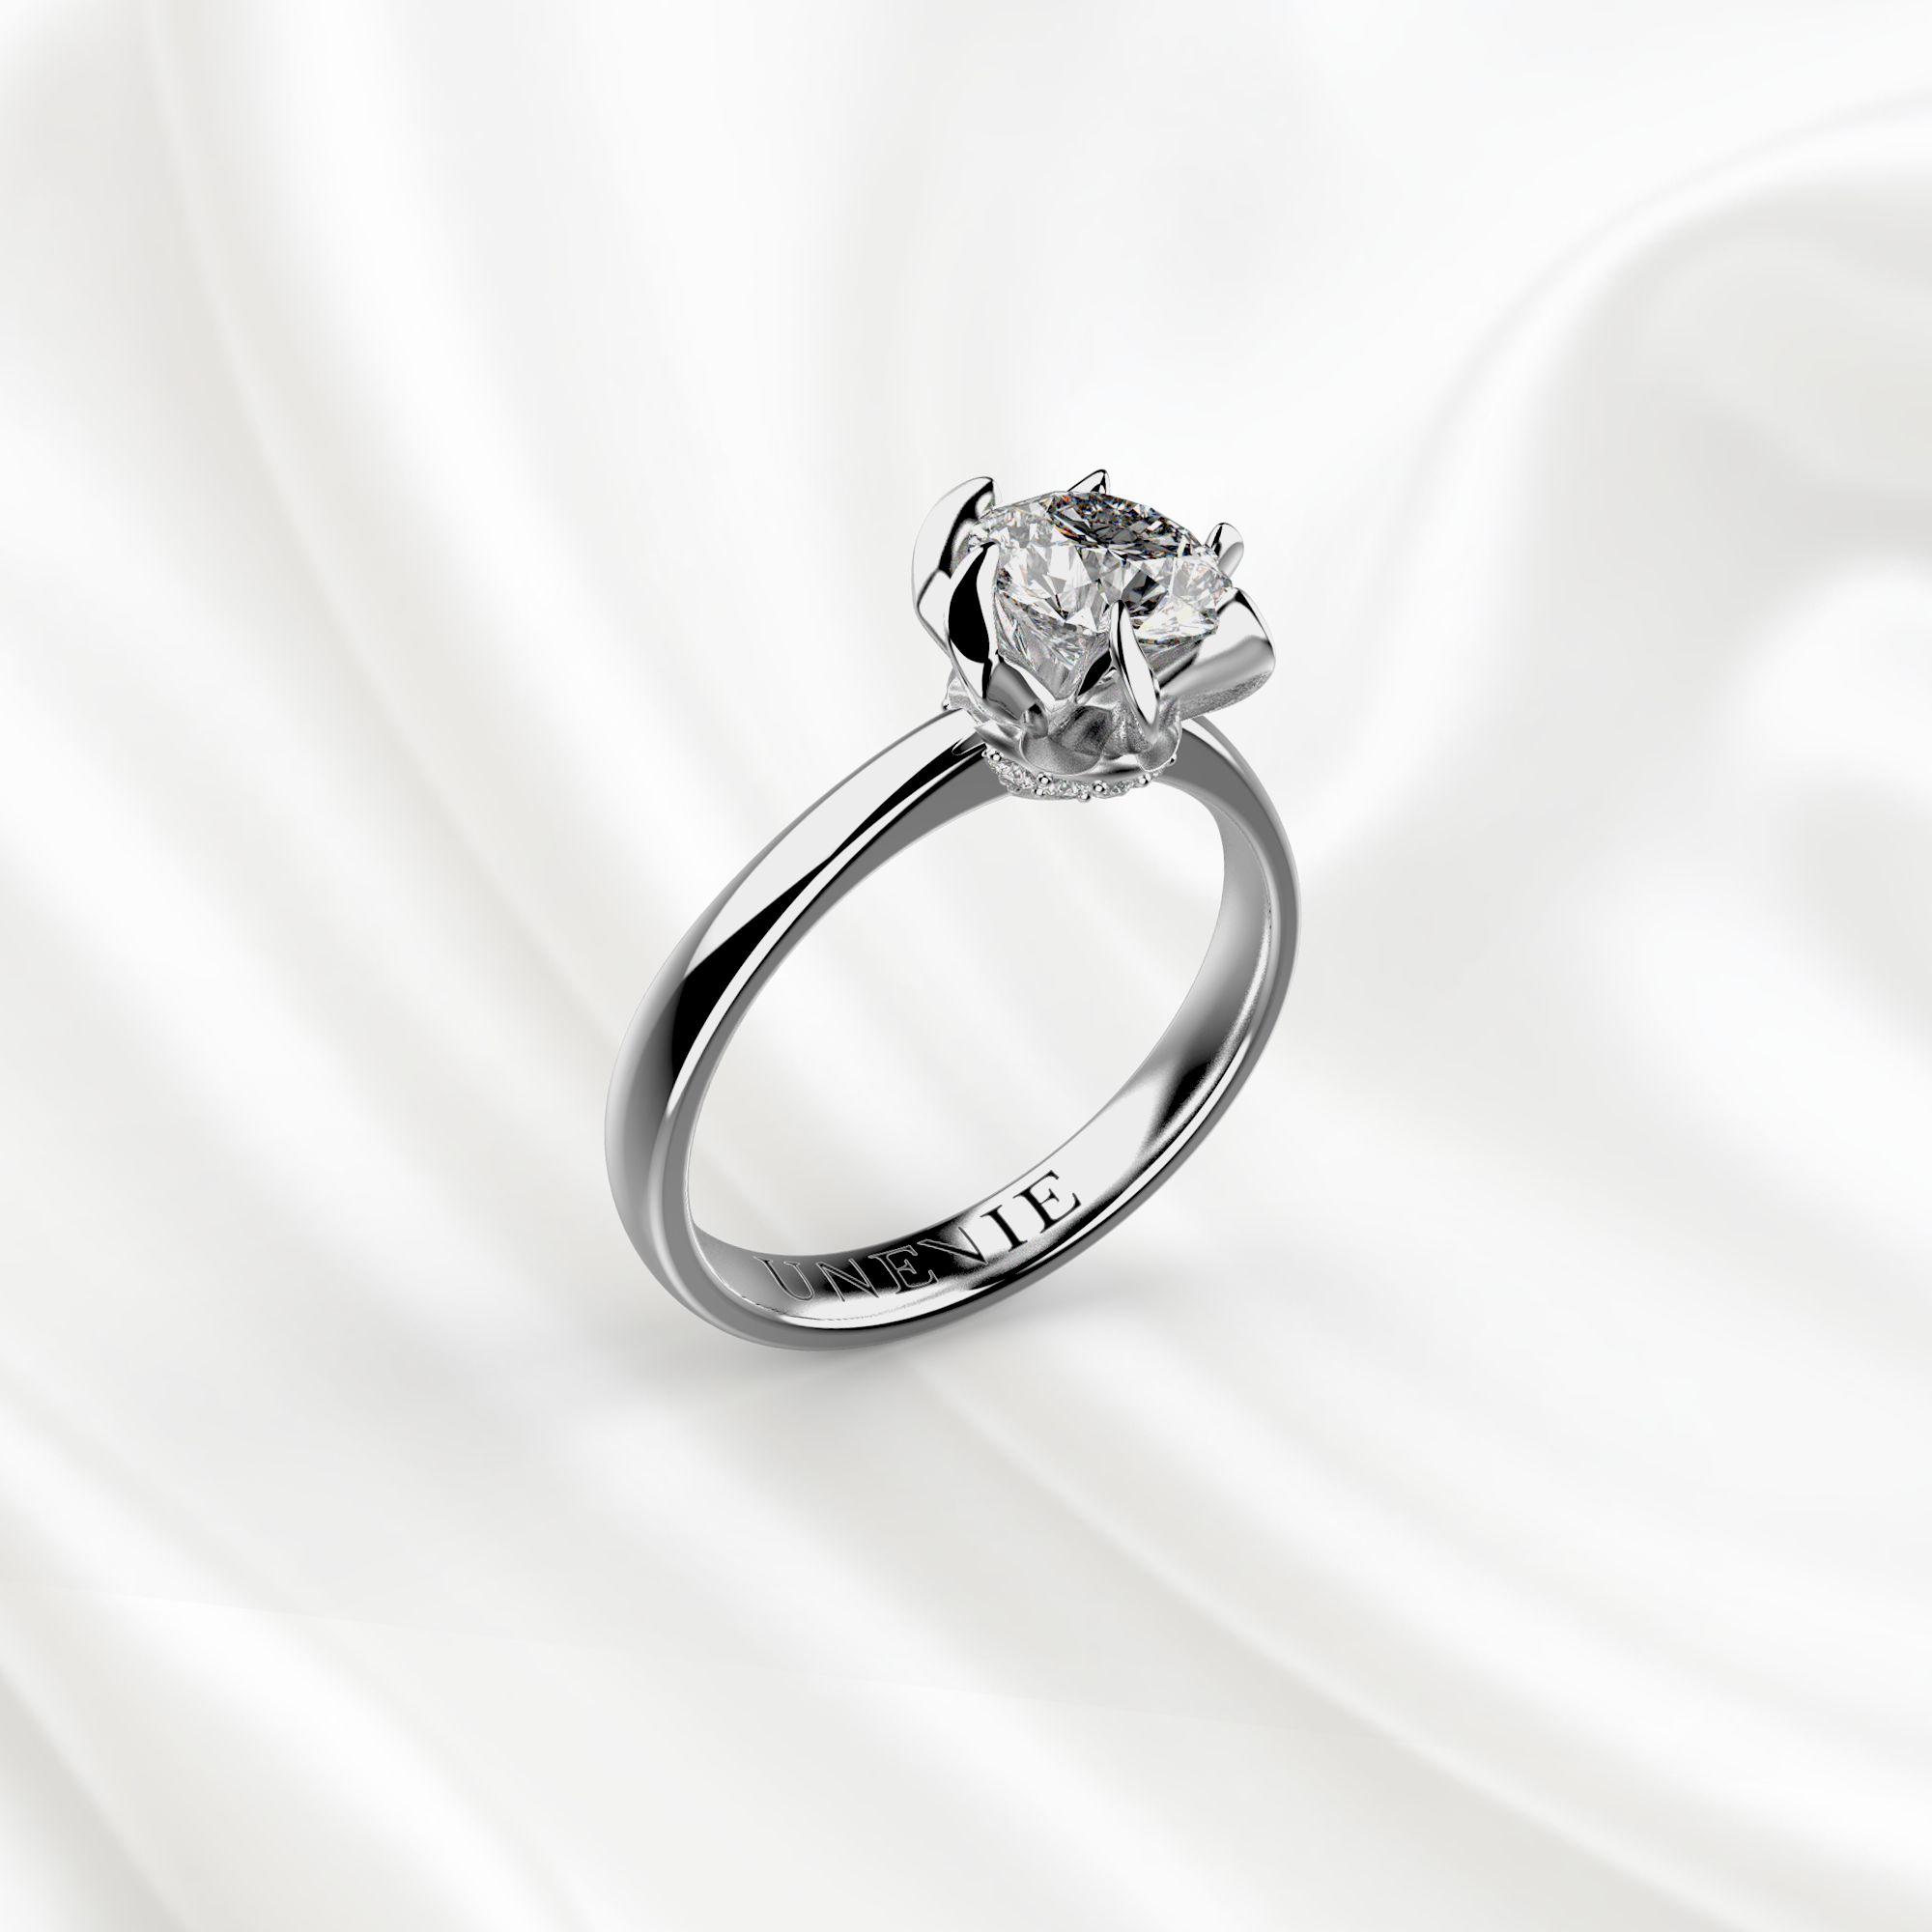 N11 Помолвочное кольцо из белого золота с бриллиантом 0.7 карат